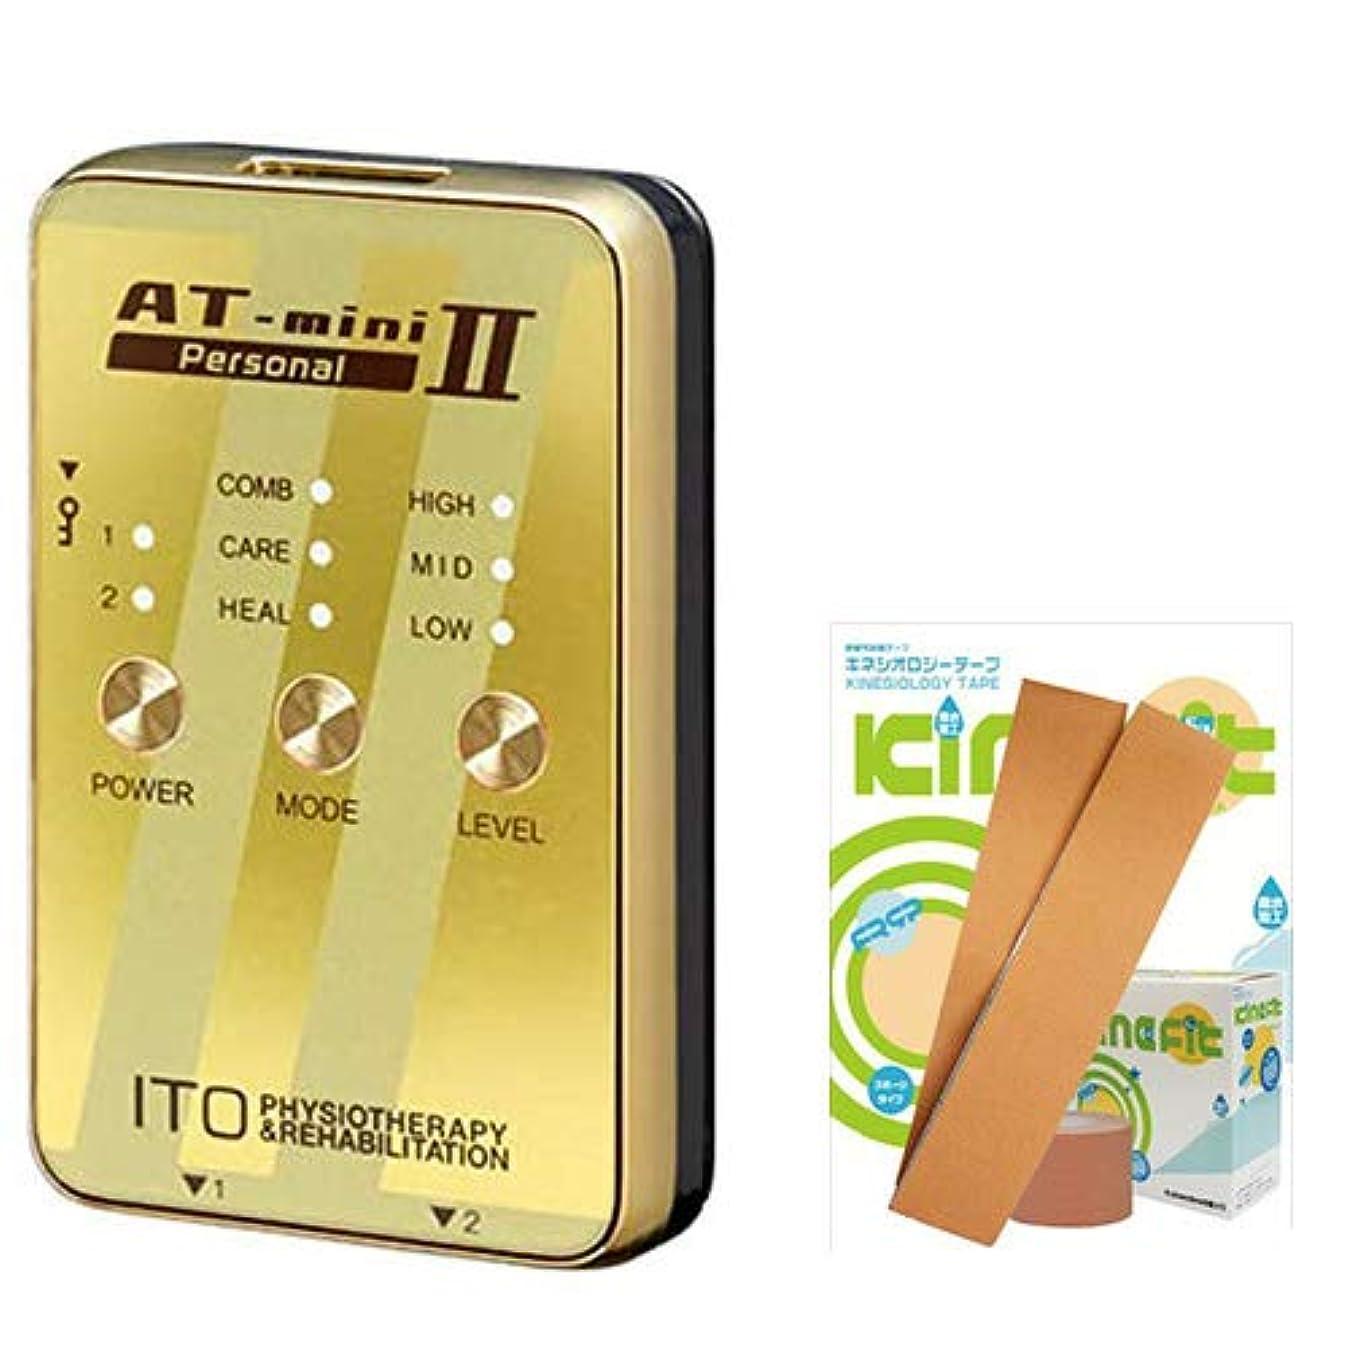 アトラス完璧な健全低周波治療器 AT-mini personal II ゴールド (ATミニパーソナル2) +キネフィットテープ50cmセット